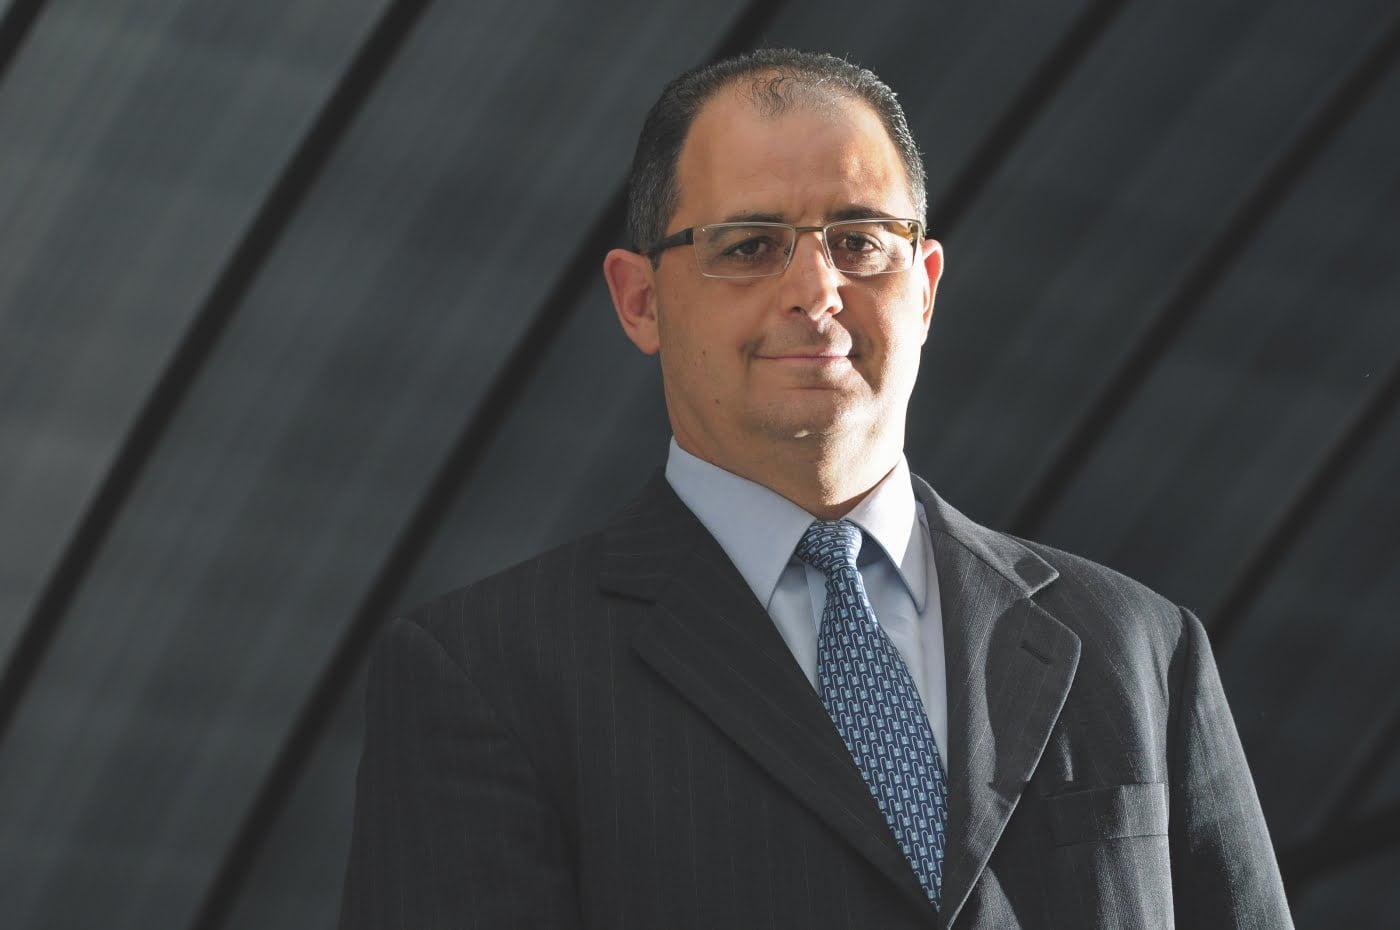 Rogério Luiz passou por PwC, Embraer, Citibank, AmBev, Totvs e Netshoes. Hoje, na ITU Partners, dá consultoria para startups.